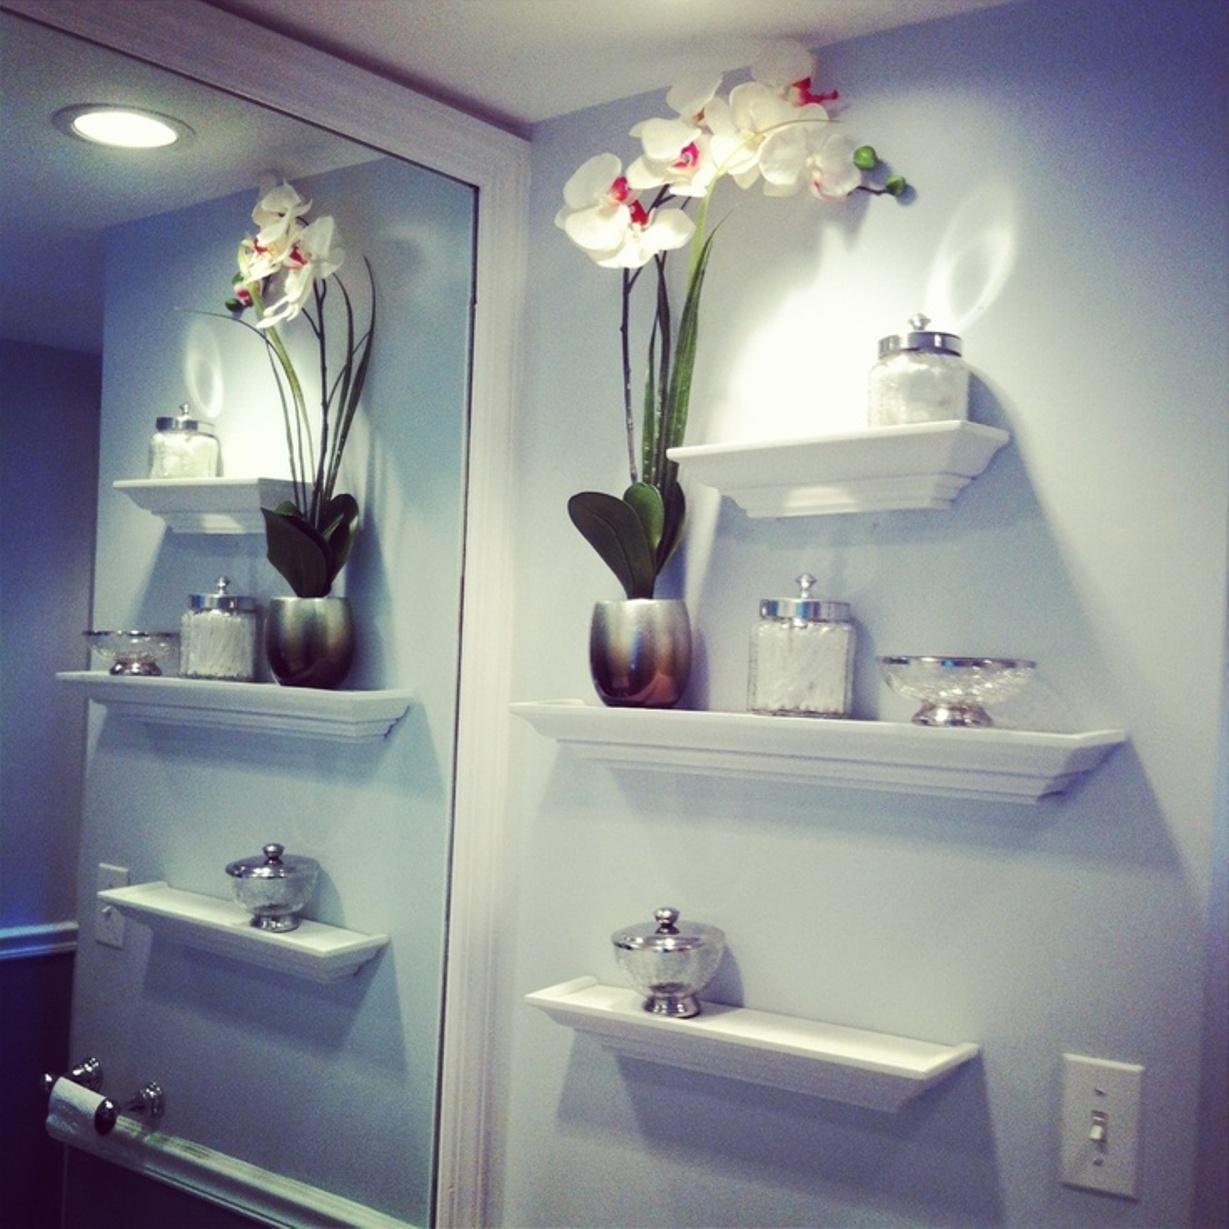 Fullsize Of Bathroom In Wall Shelves